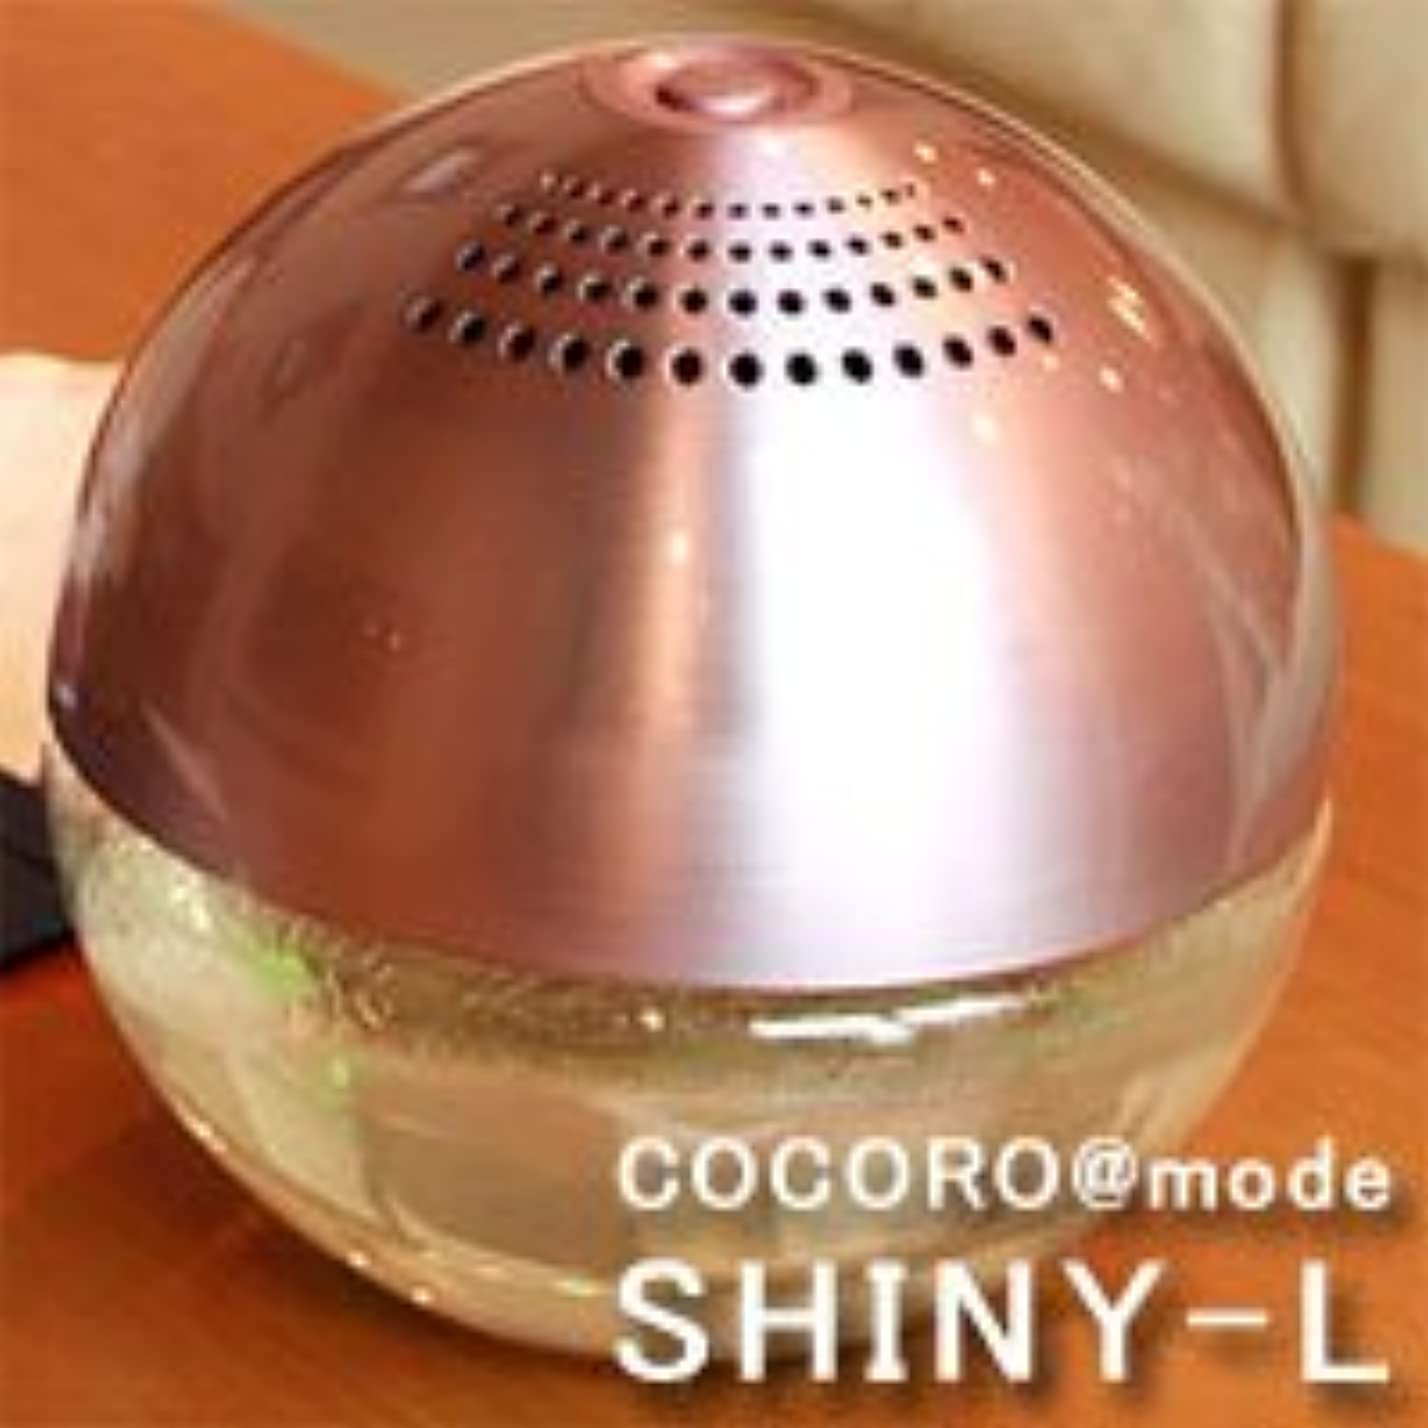 サンプル接続詞伴うCOCORO mode(ココロモード) 空気清浄機 シャイミー(旧名シャイニー) Lサイズ 約19×20×20cm (アロマソリューション10ml×3本付) ゴールド